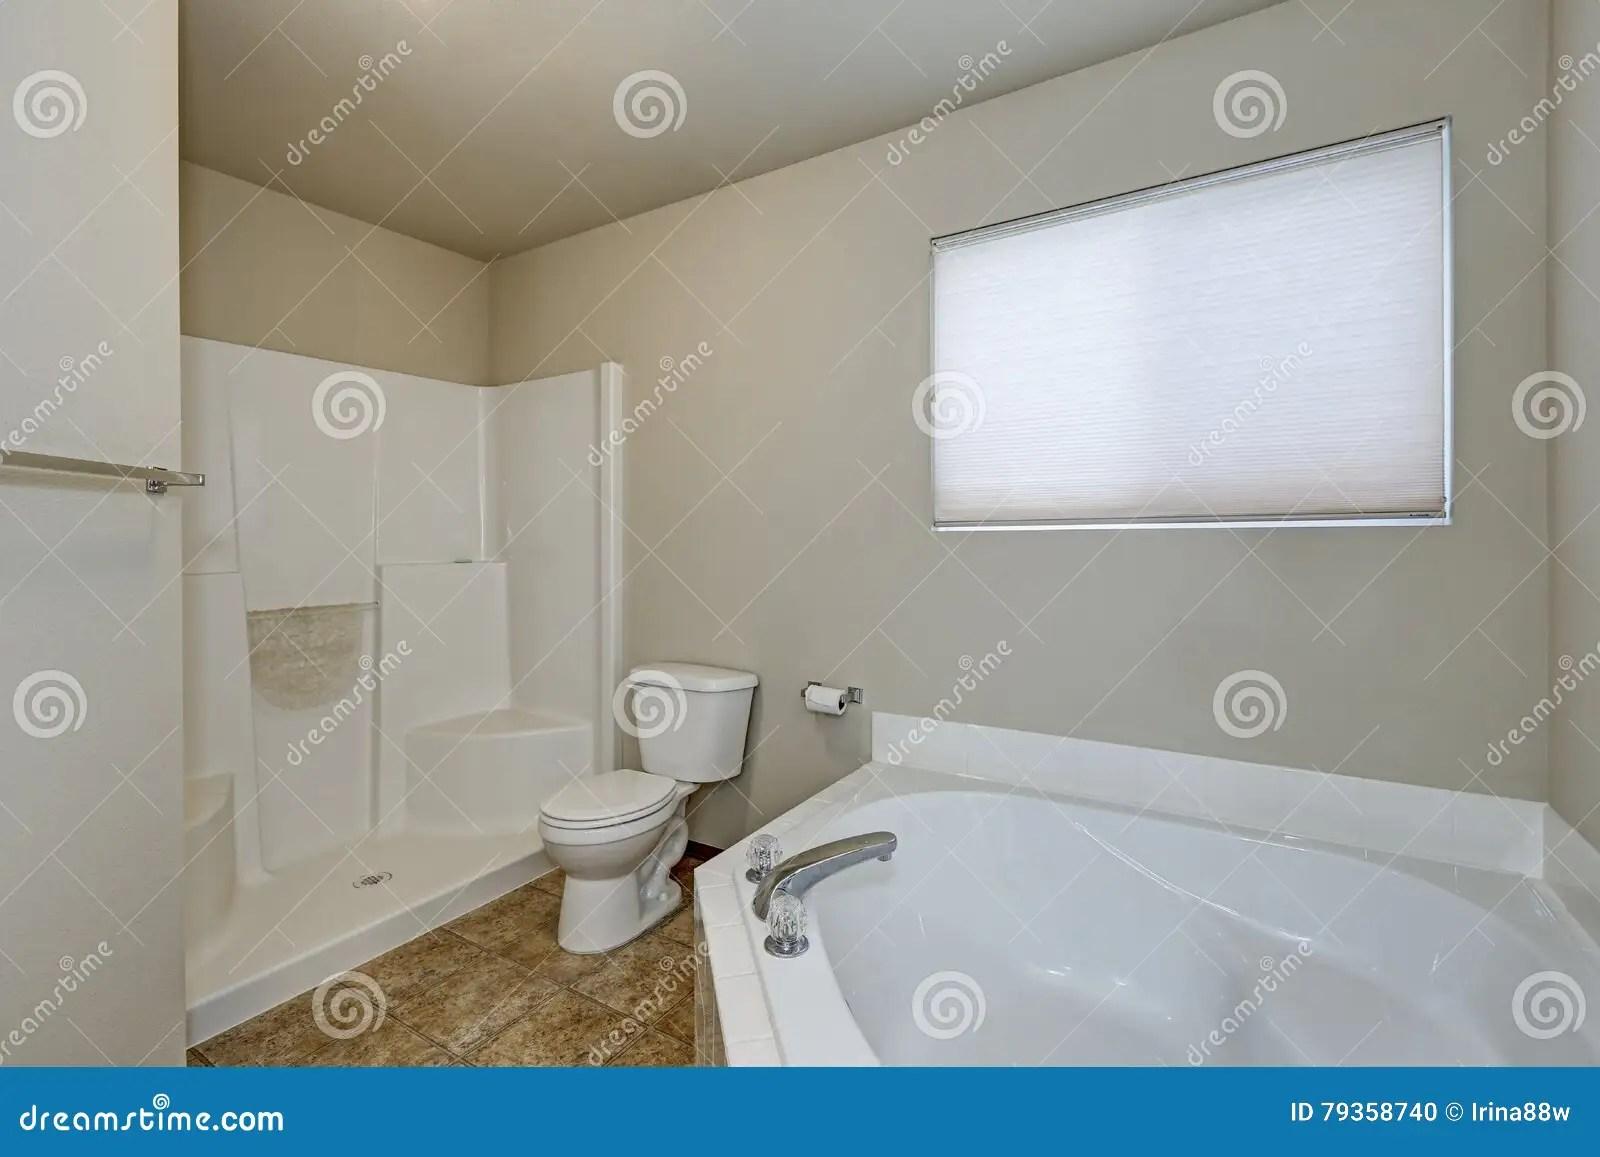 Eckbadewanne Dusche Badezimmer Ohne Badewanne